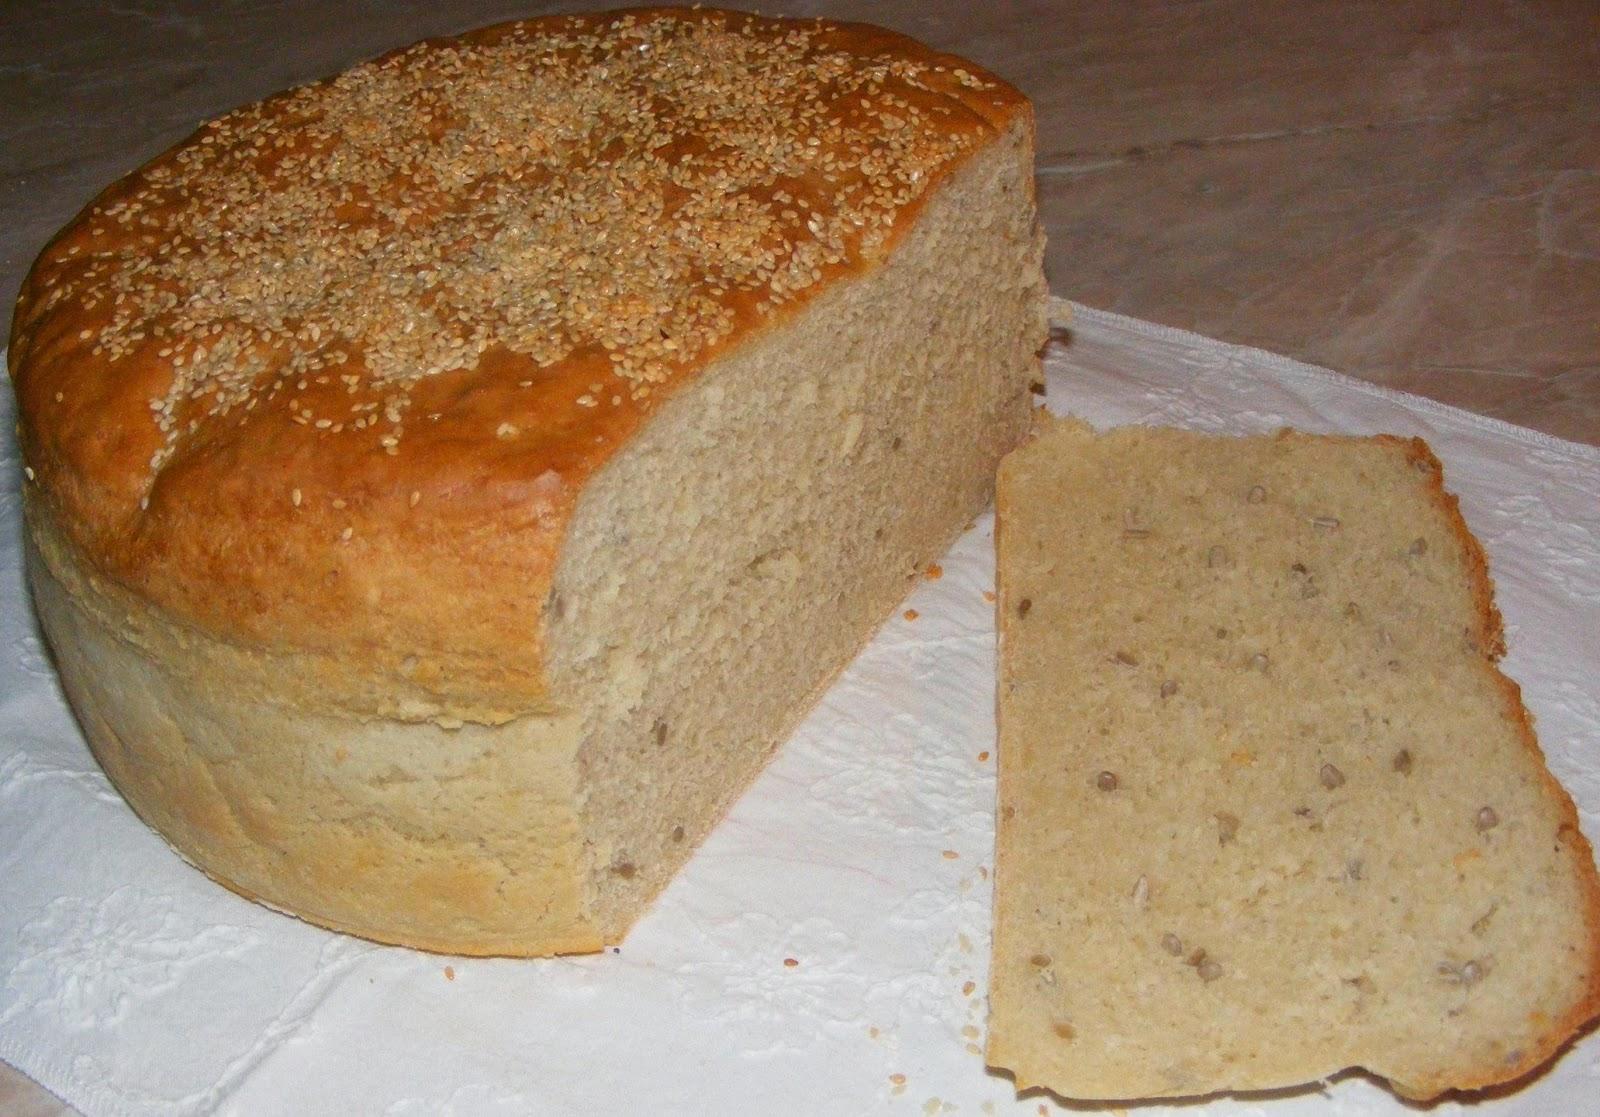 paine, paine cu seminte, reteta paine, retete culinare, preparate culinare, paine cu susan, paine cu seminte de floarea soarelui, mancare, retete de mancare, cura de slabire, diete de slabit, panificatie, produse de panificatie, aluat de paine, coca,